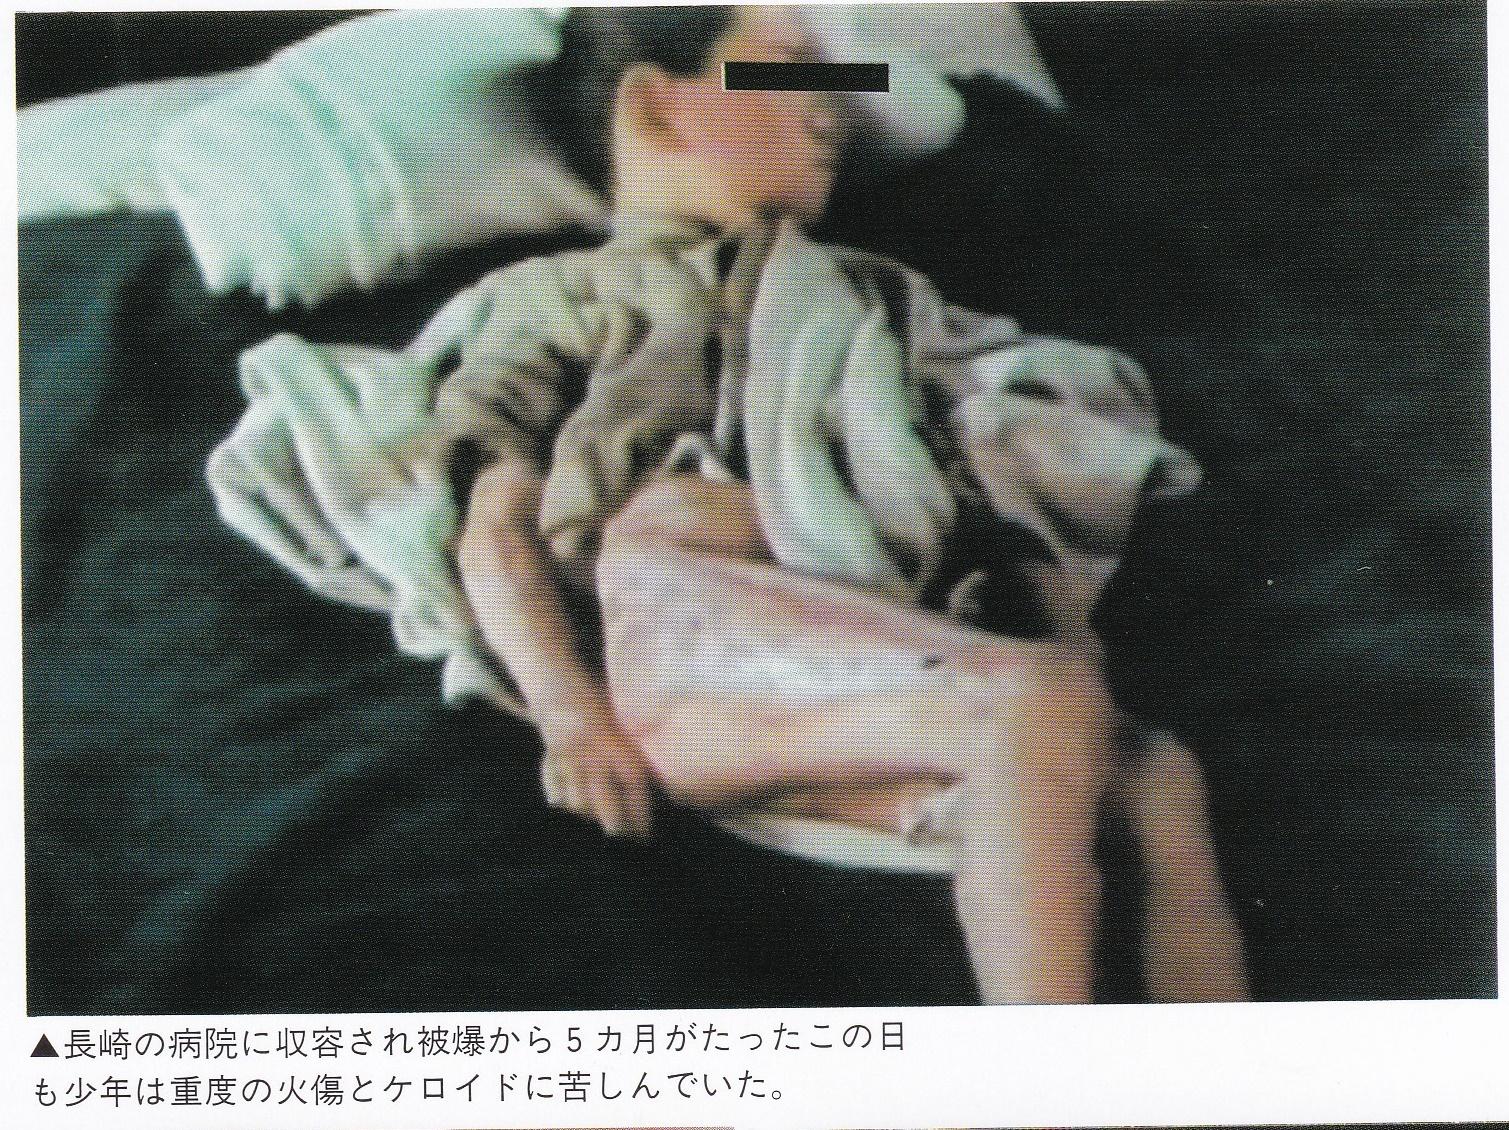 原爆の被害者